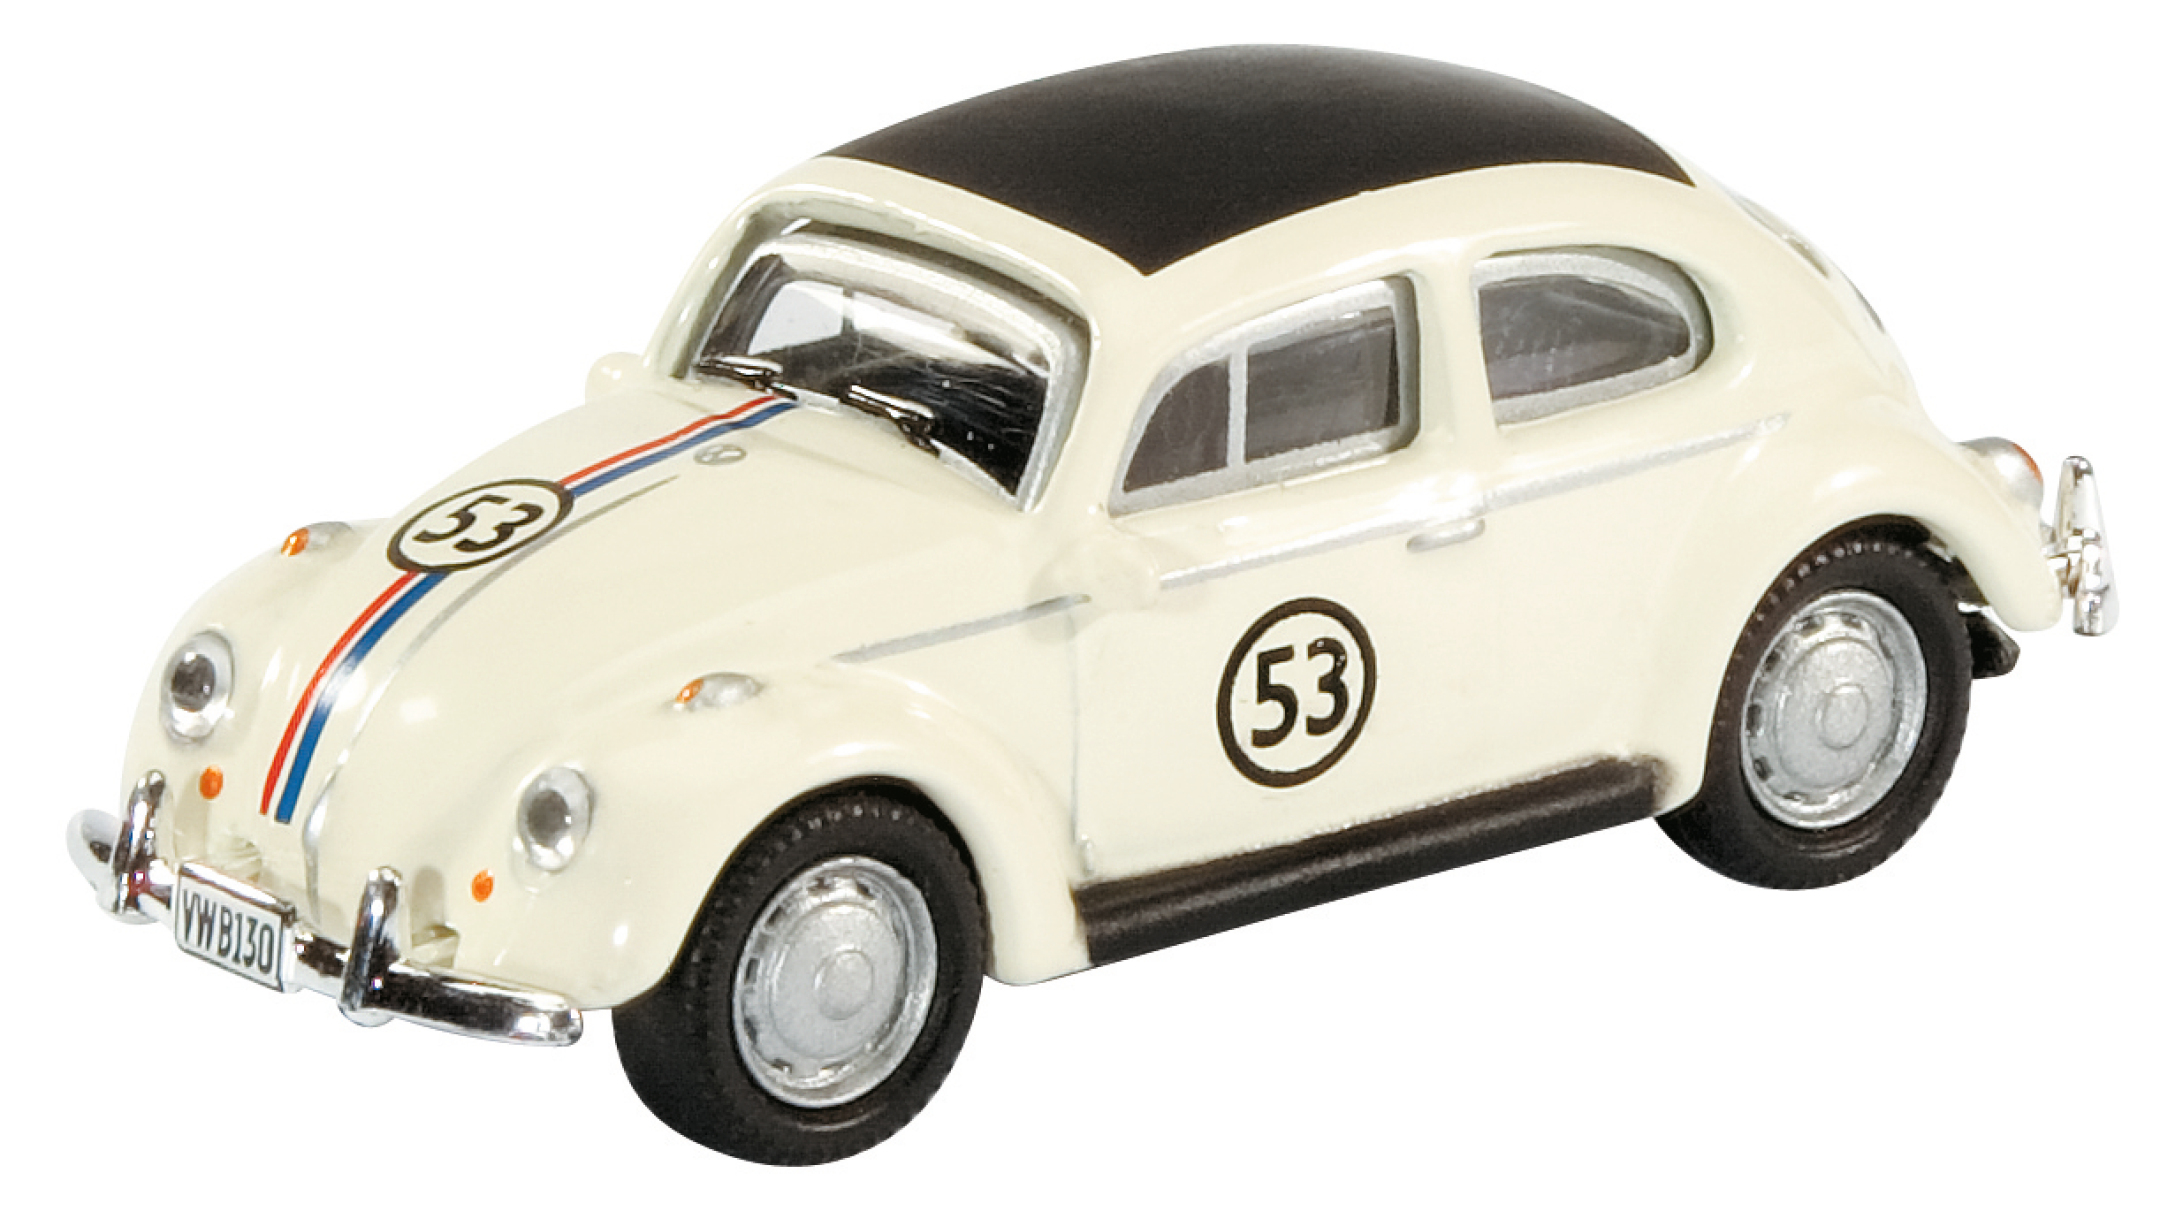 VW Käfer Rallye #53 1:87